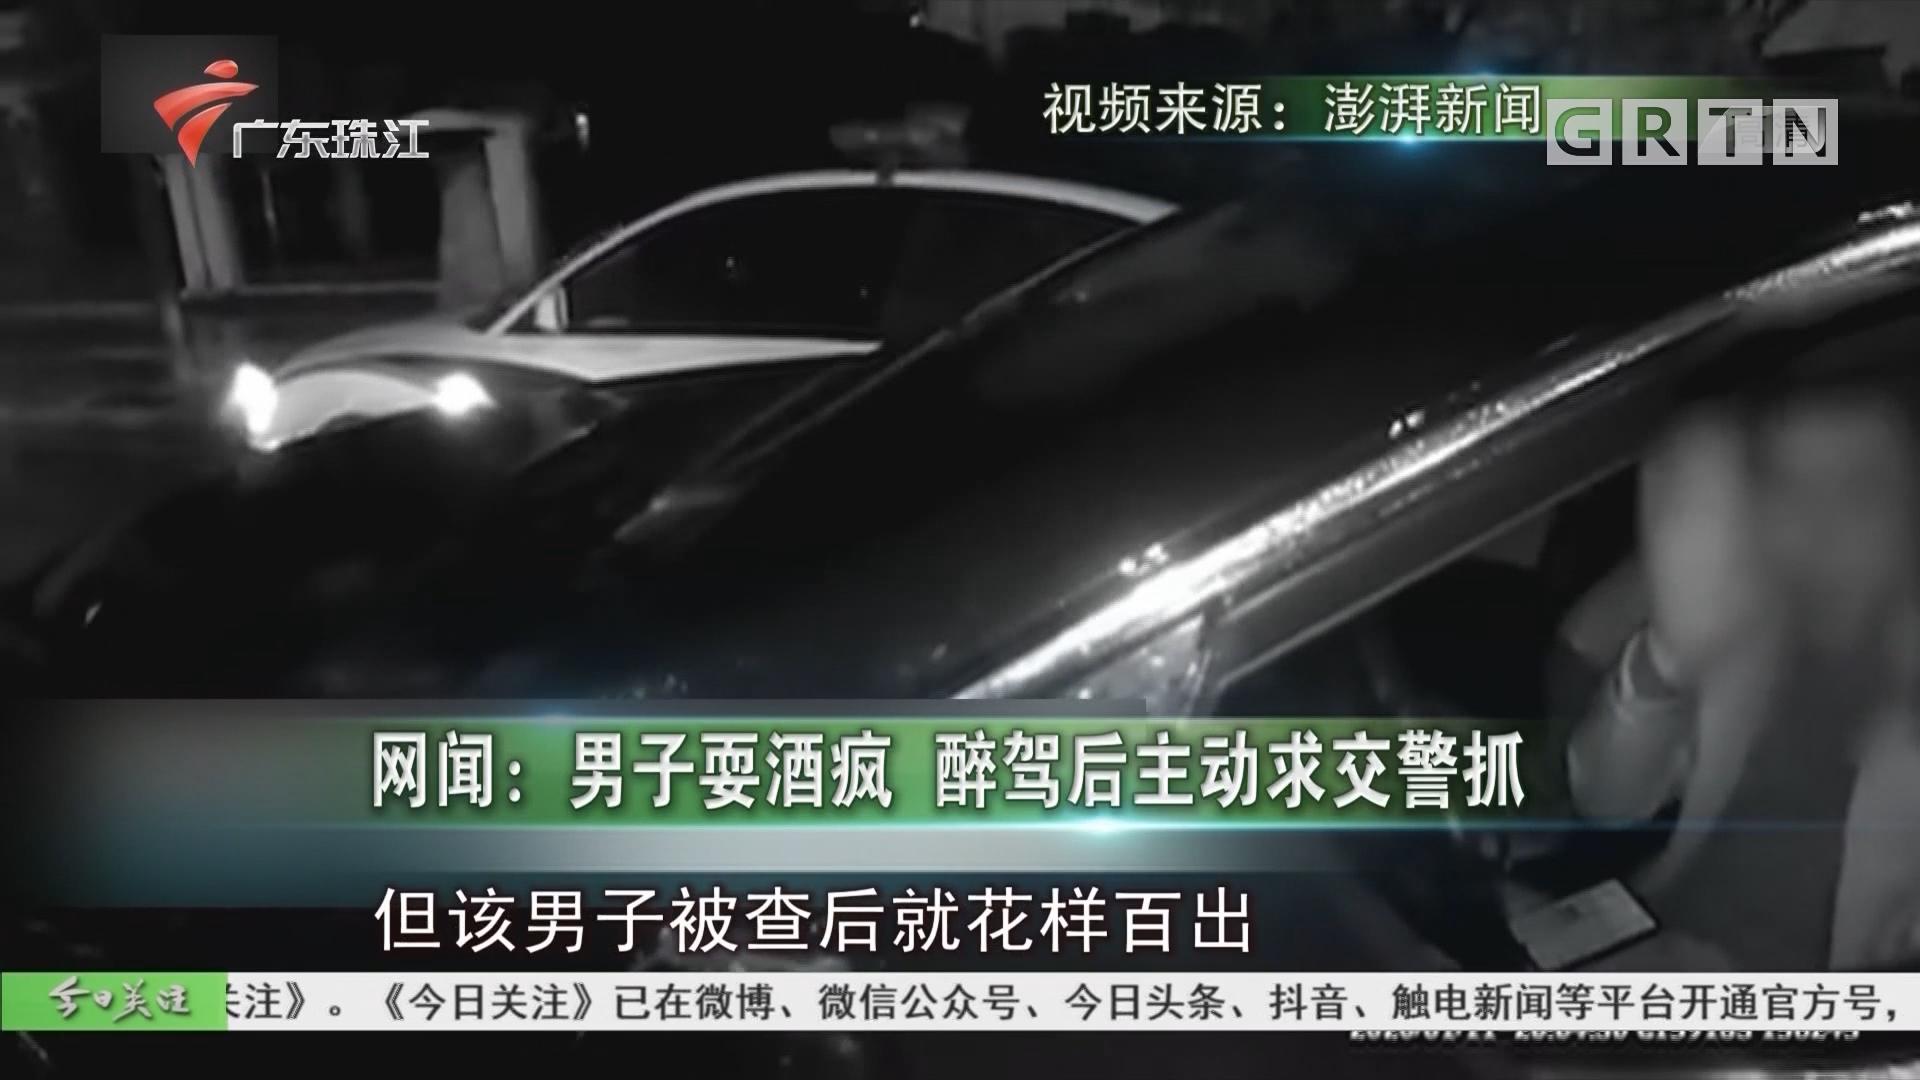 网闻:男子耍酒疯 醉驾后主动求交警抓